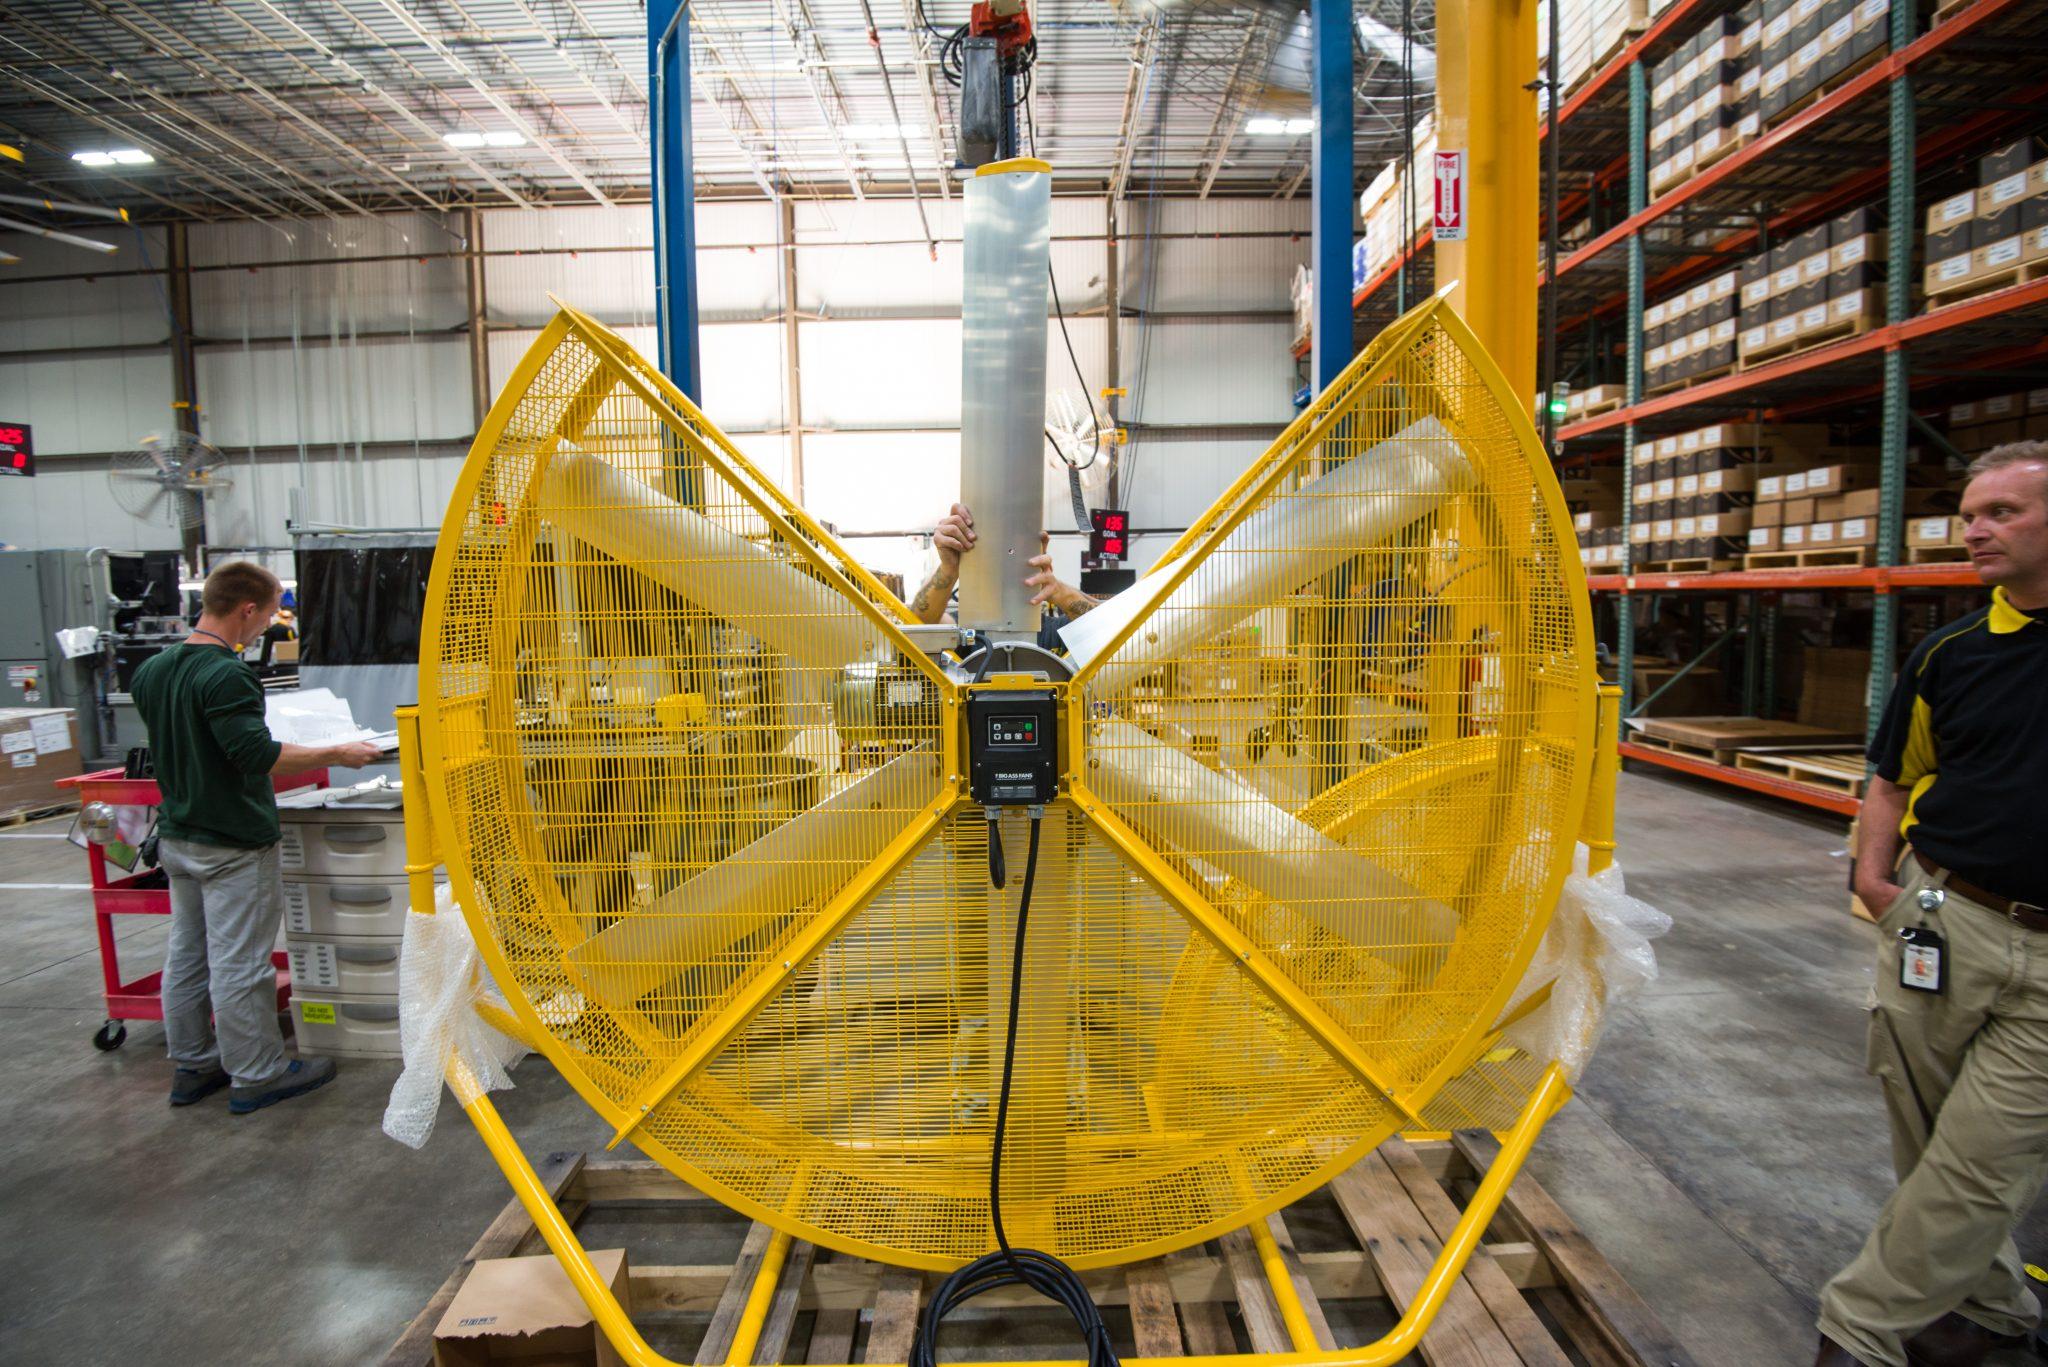 Big-Ass-Fans-manufacturing-floor-fan-being-assembled-2-0516.jpg